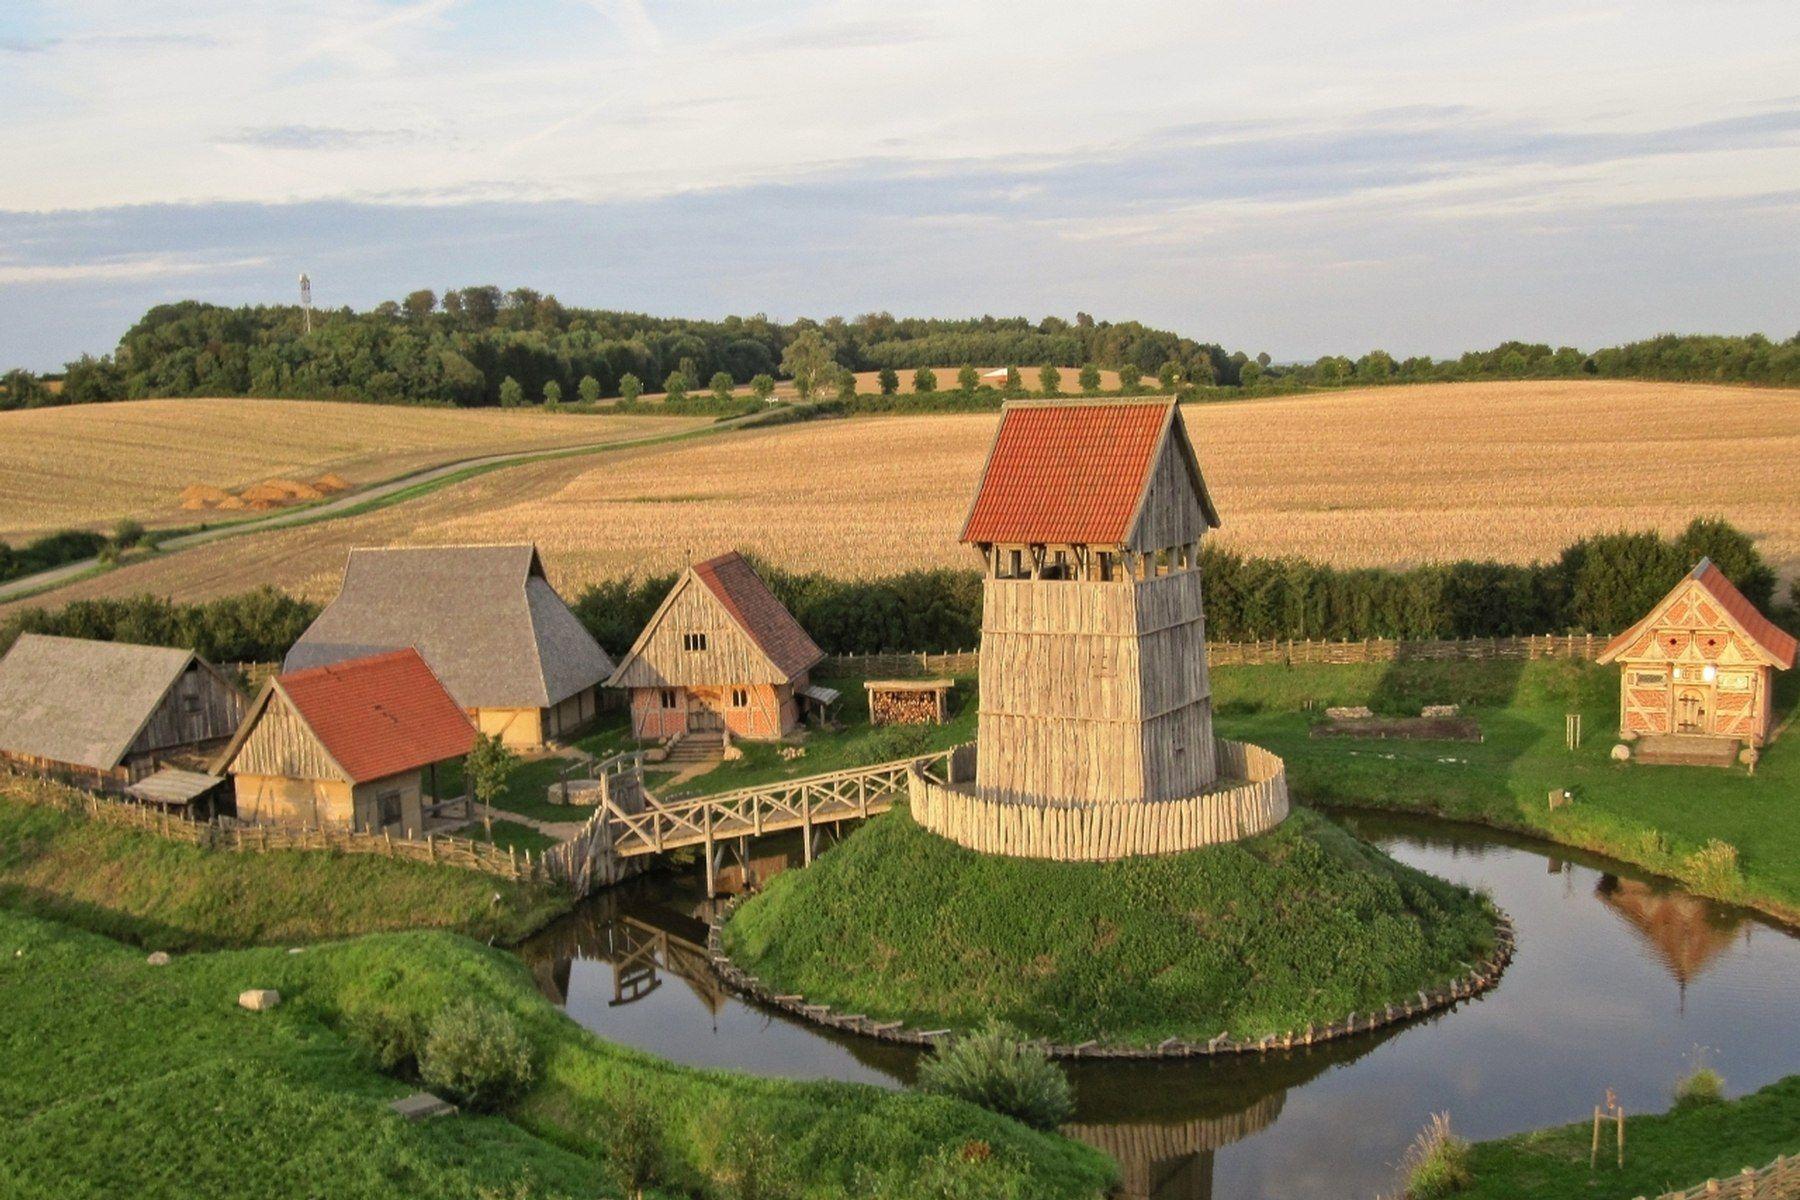 Turmhugelburg Lutjenburg Burg Mittelalterliche Burg Antike Gebaude